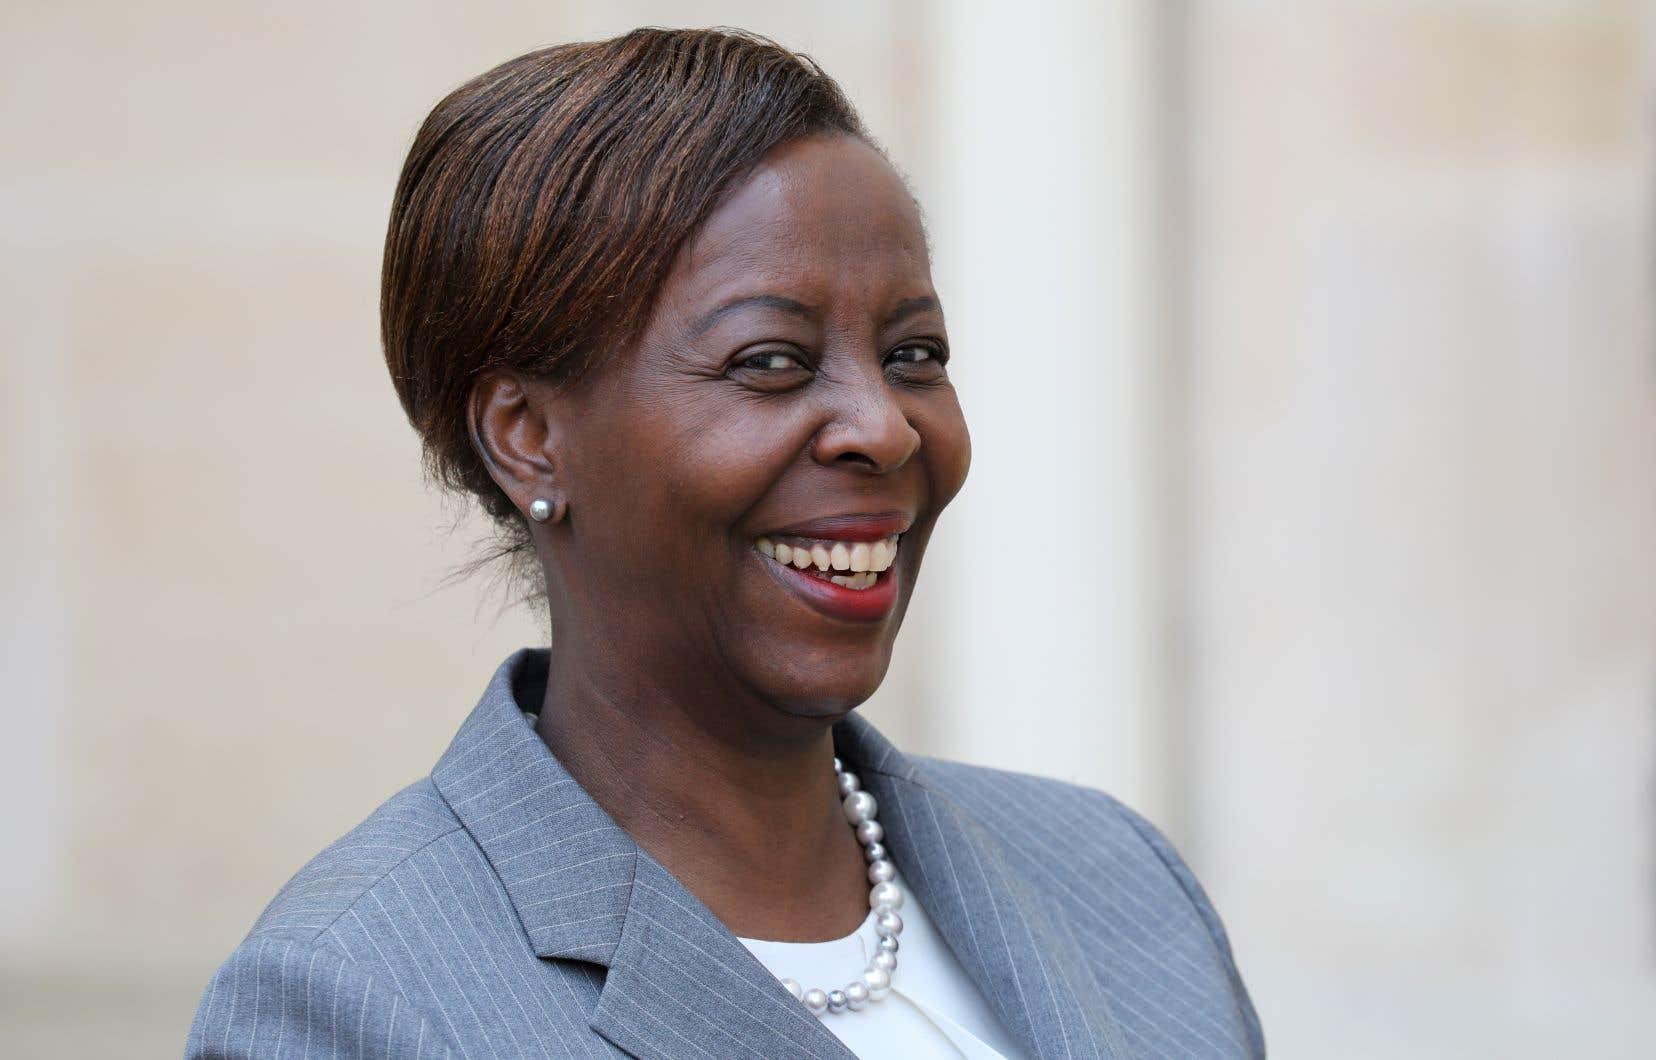 Les liens de Louise Mushikiwabo avec le Québec et le Canada sont forts et nos gouvernements doivent en être conscients, souligne l'auteur.